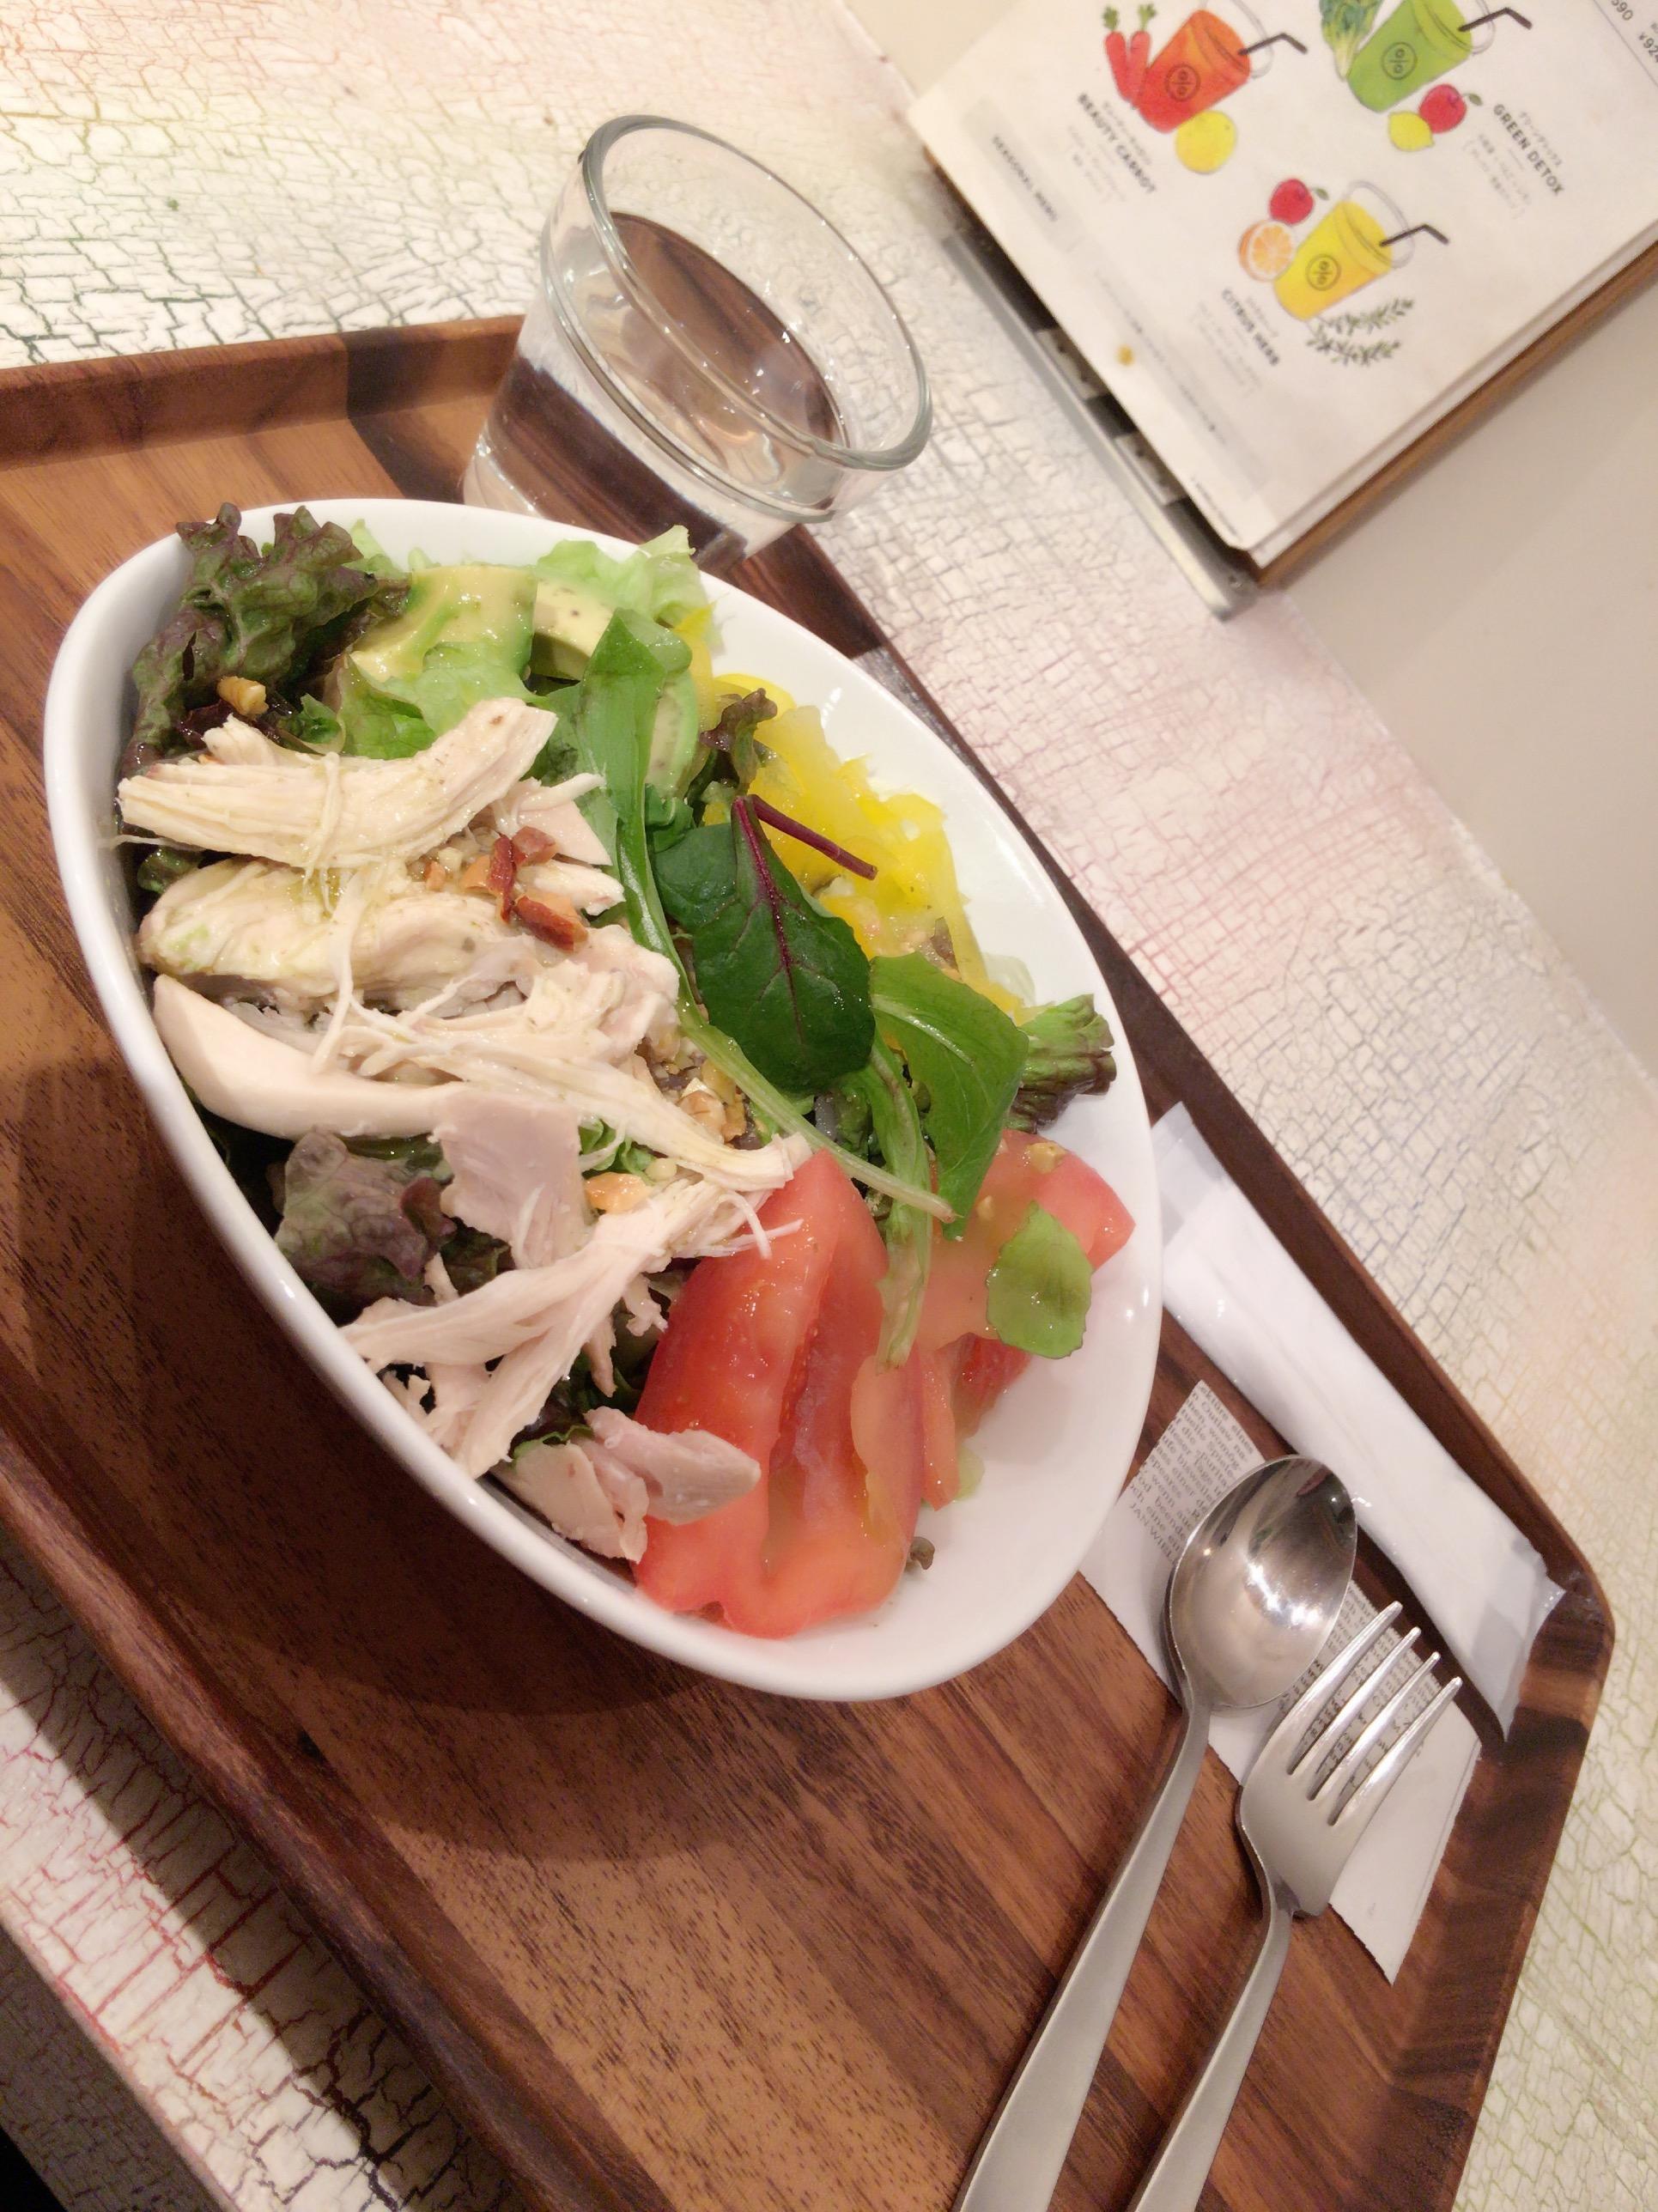 【サラダランチ3選!】ヘルシーだけど、お腹いっぱい♡